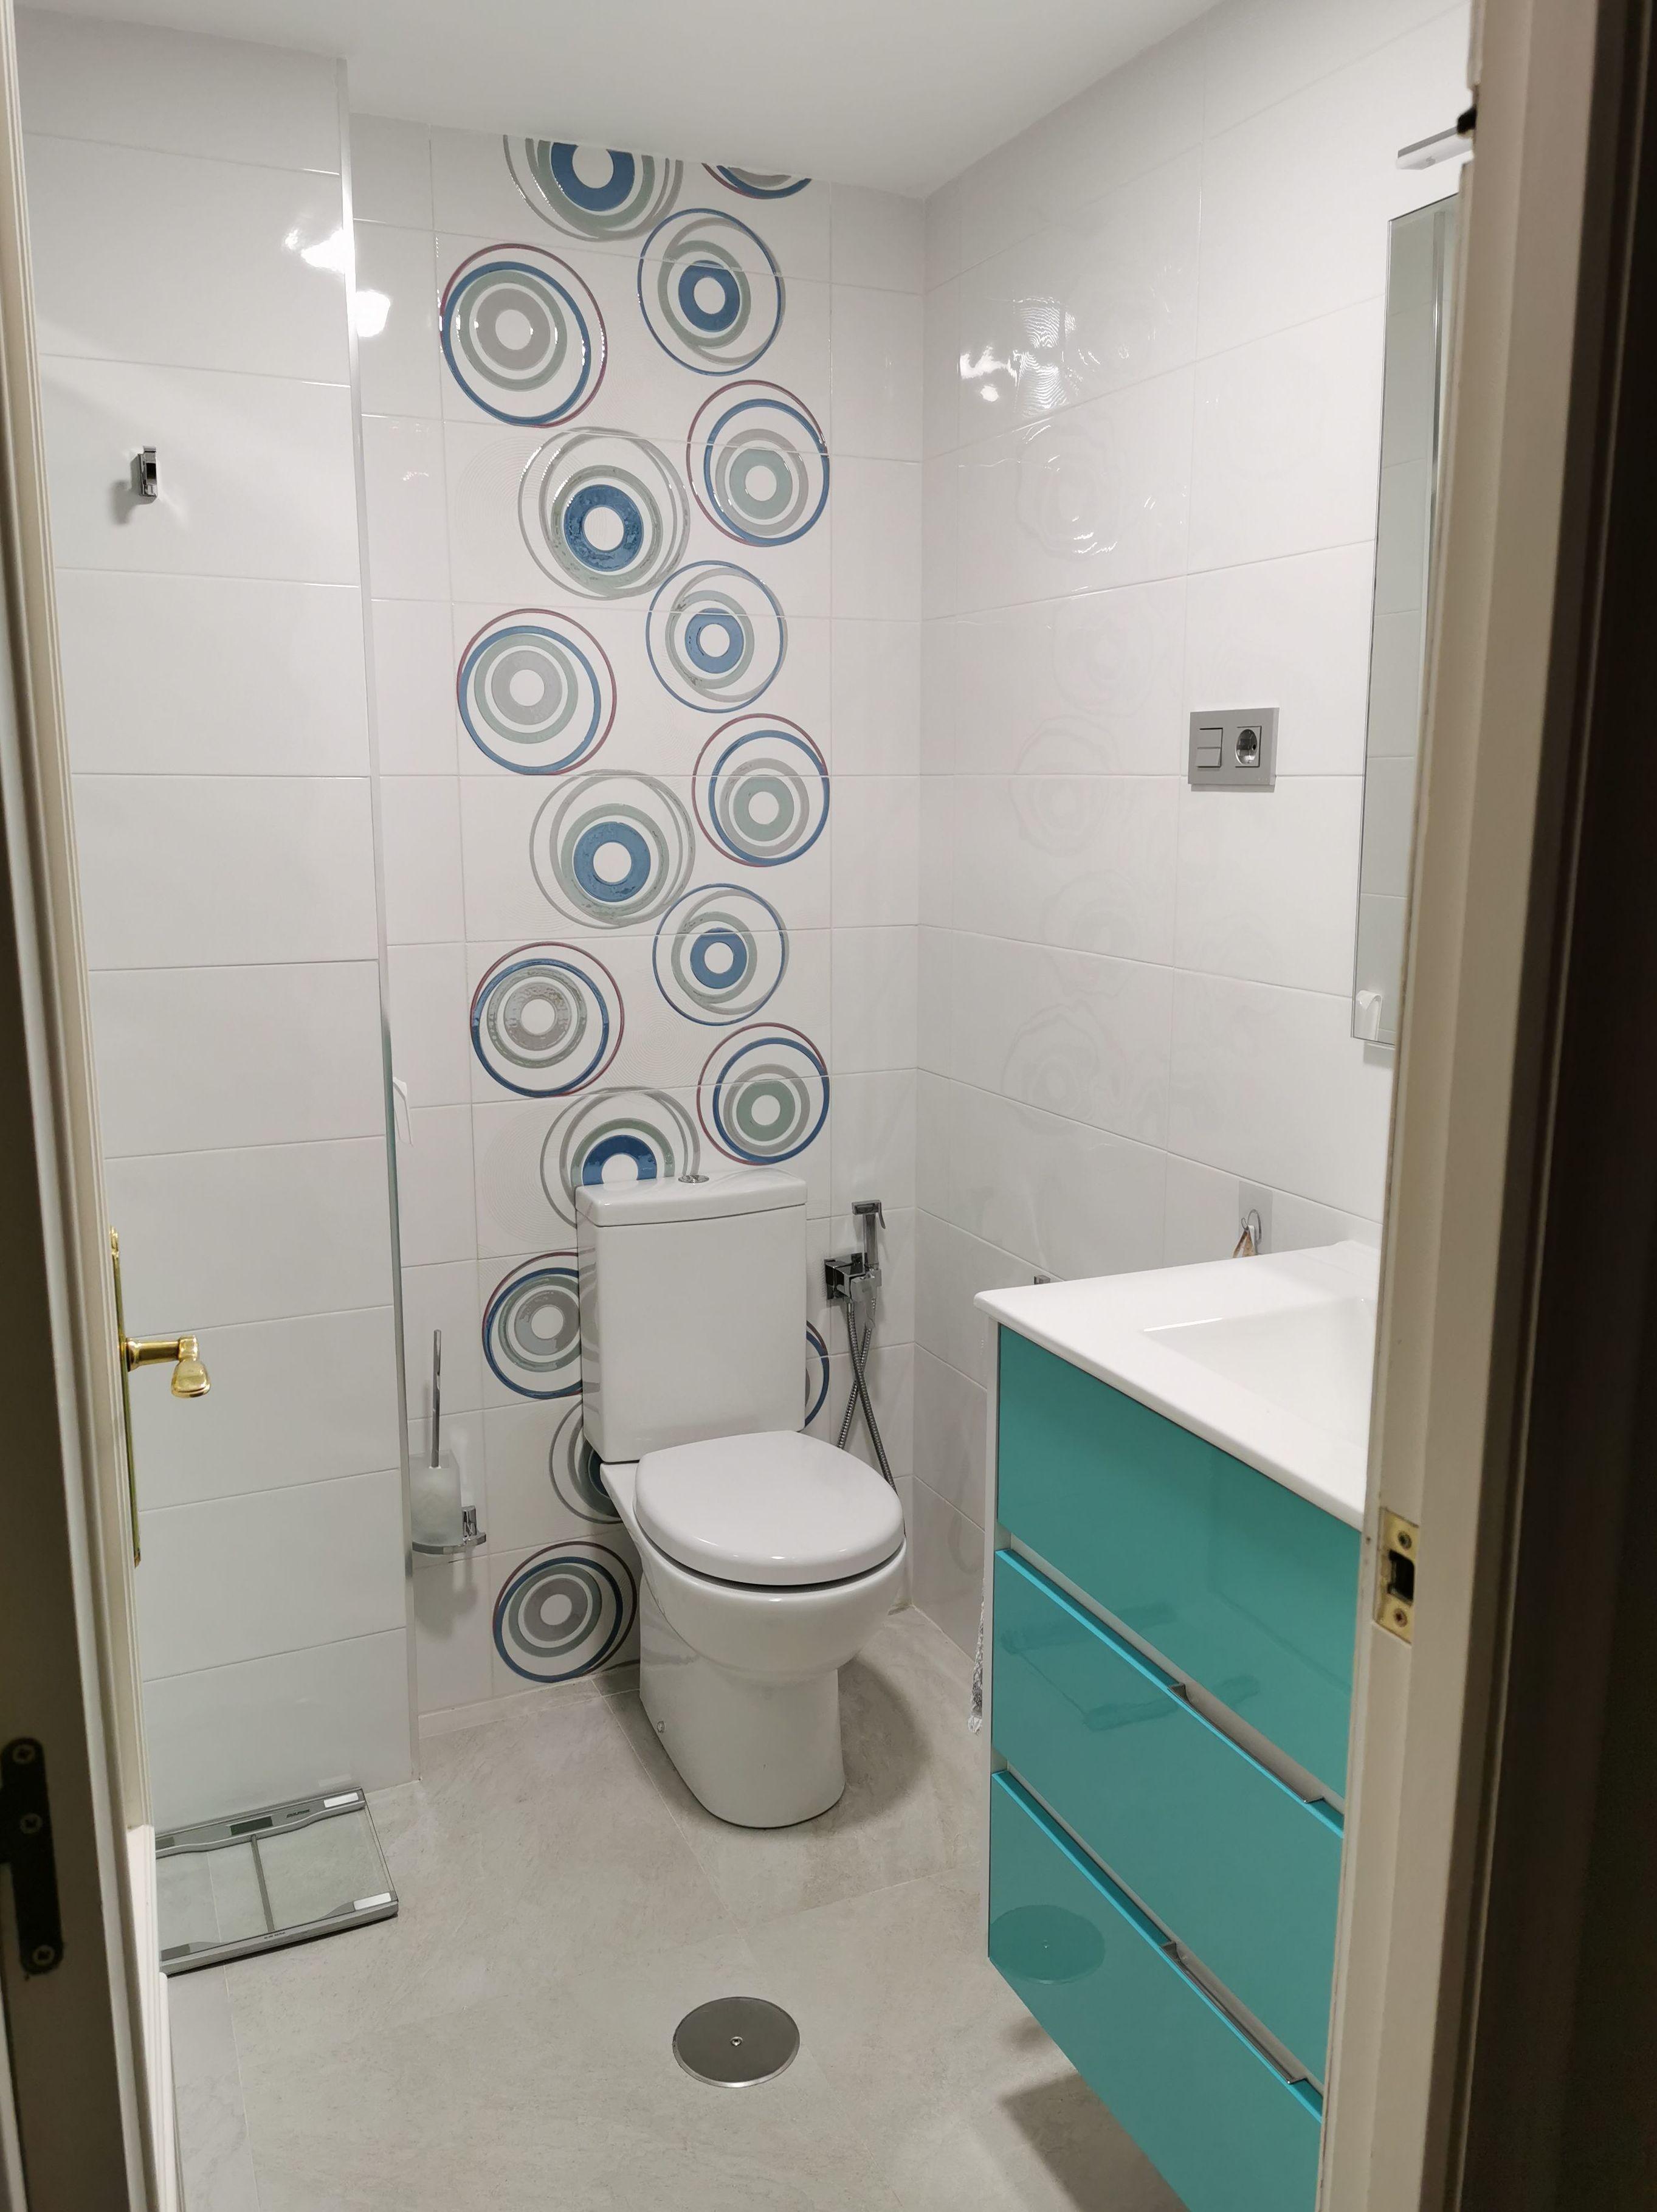 Foto 31 de Reformas en baños y cocinas en Trobajo del Camino   F. Alba, cocinas y baños